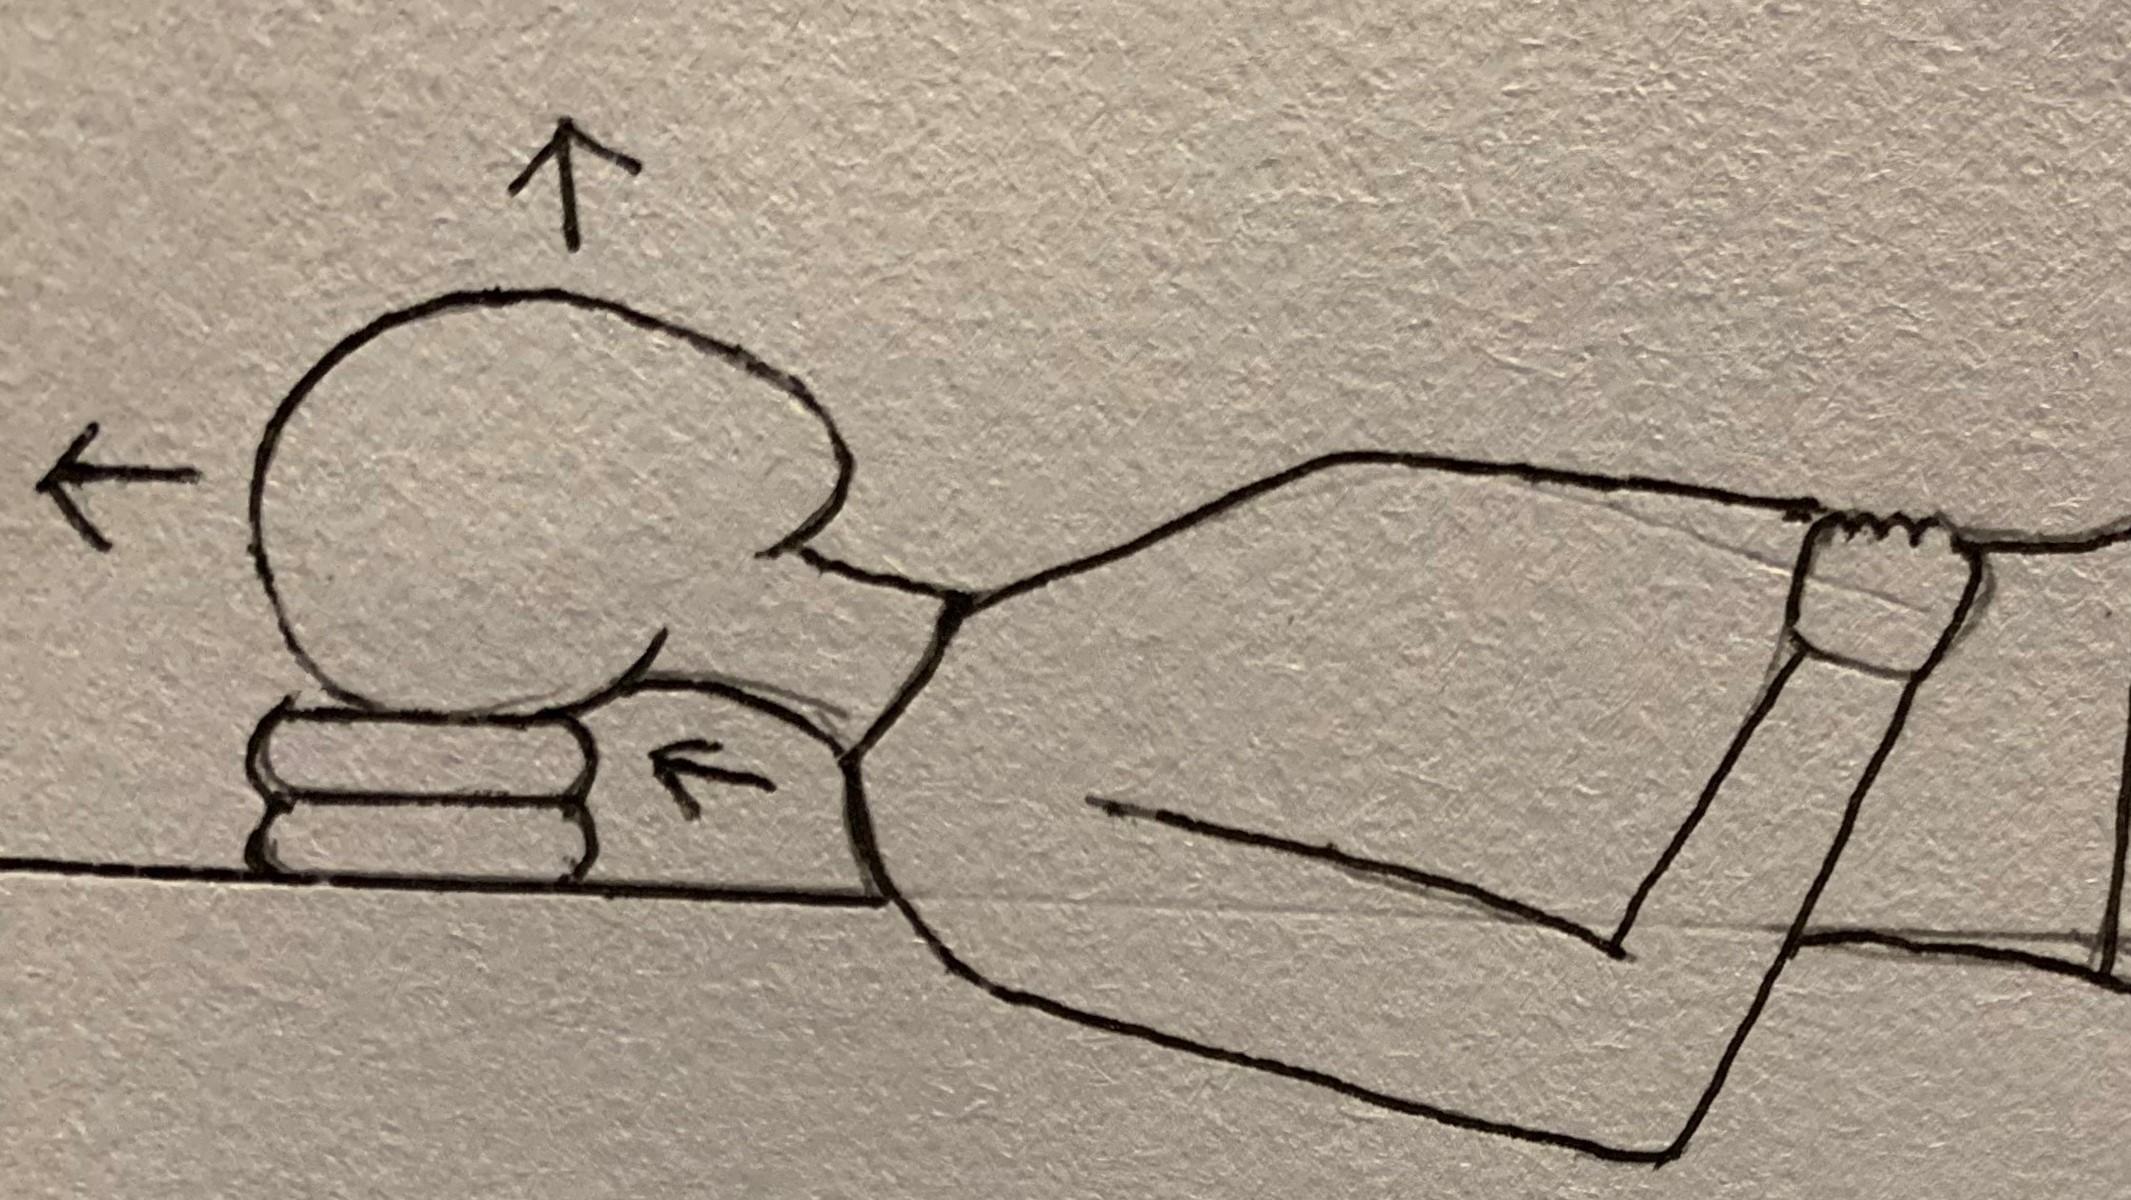 半仰臥放鬆法練習引導